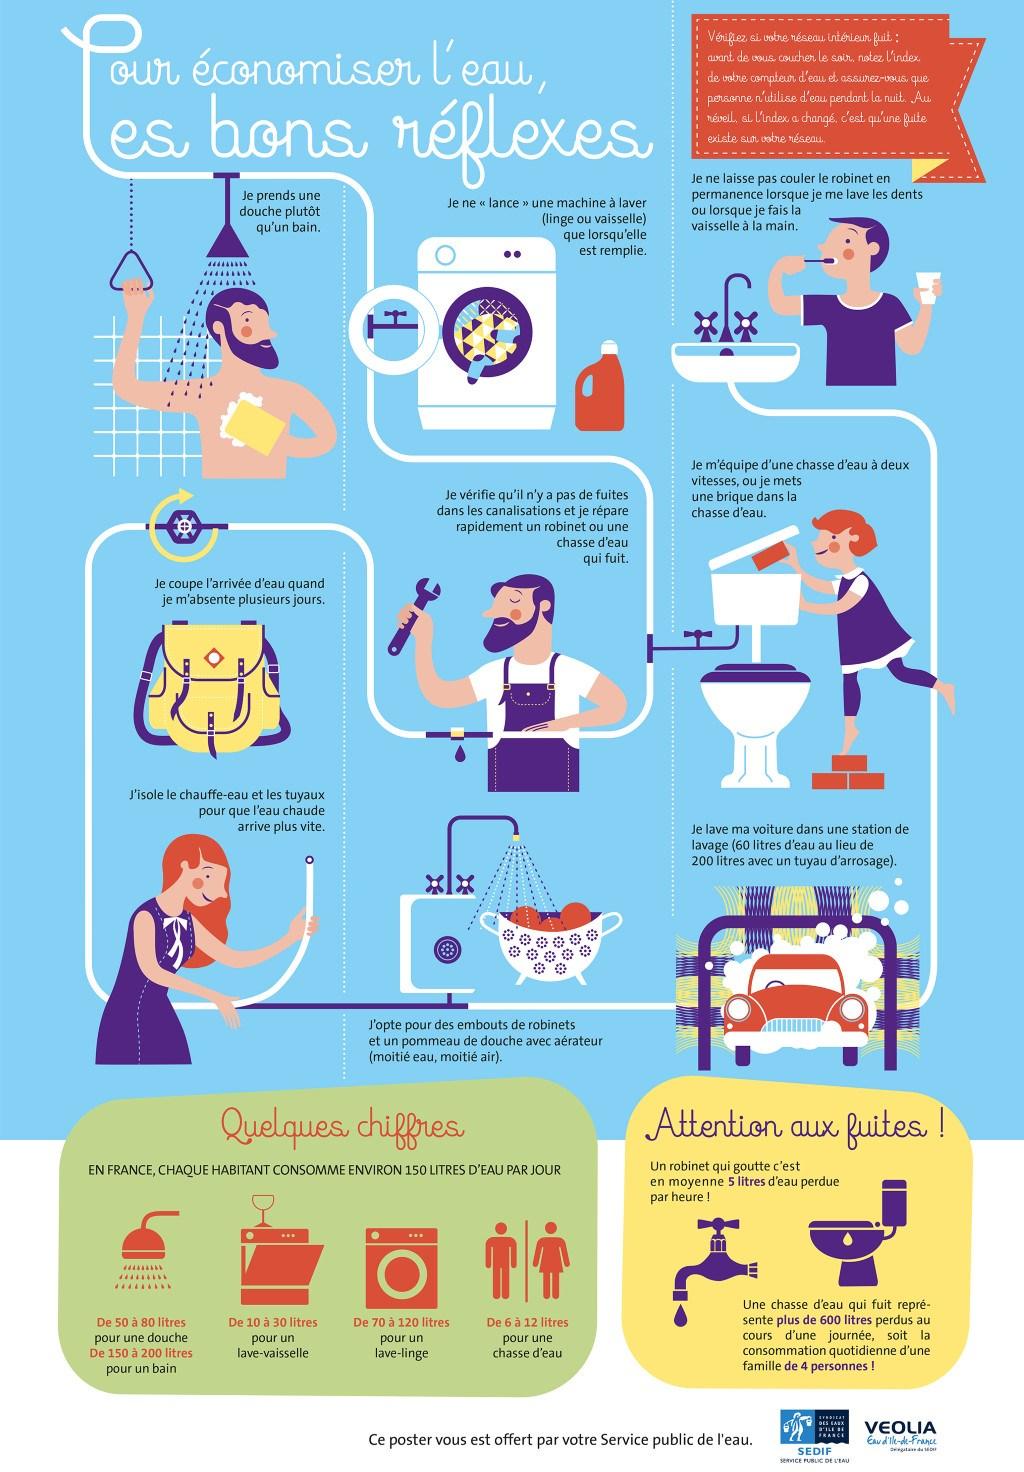 Réduise sa consommation d'eau : conseils pour économiser l'eau